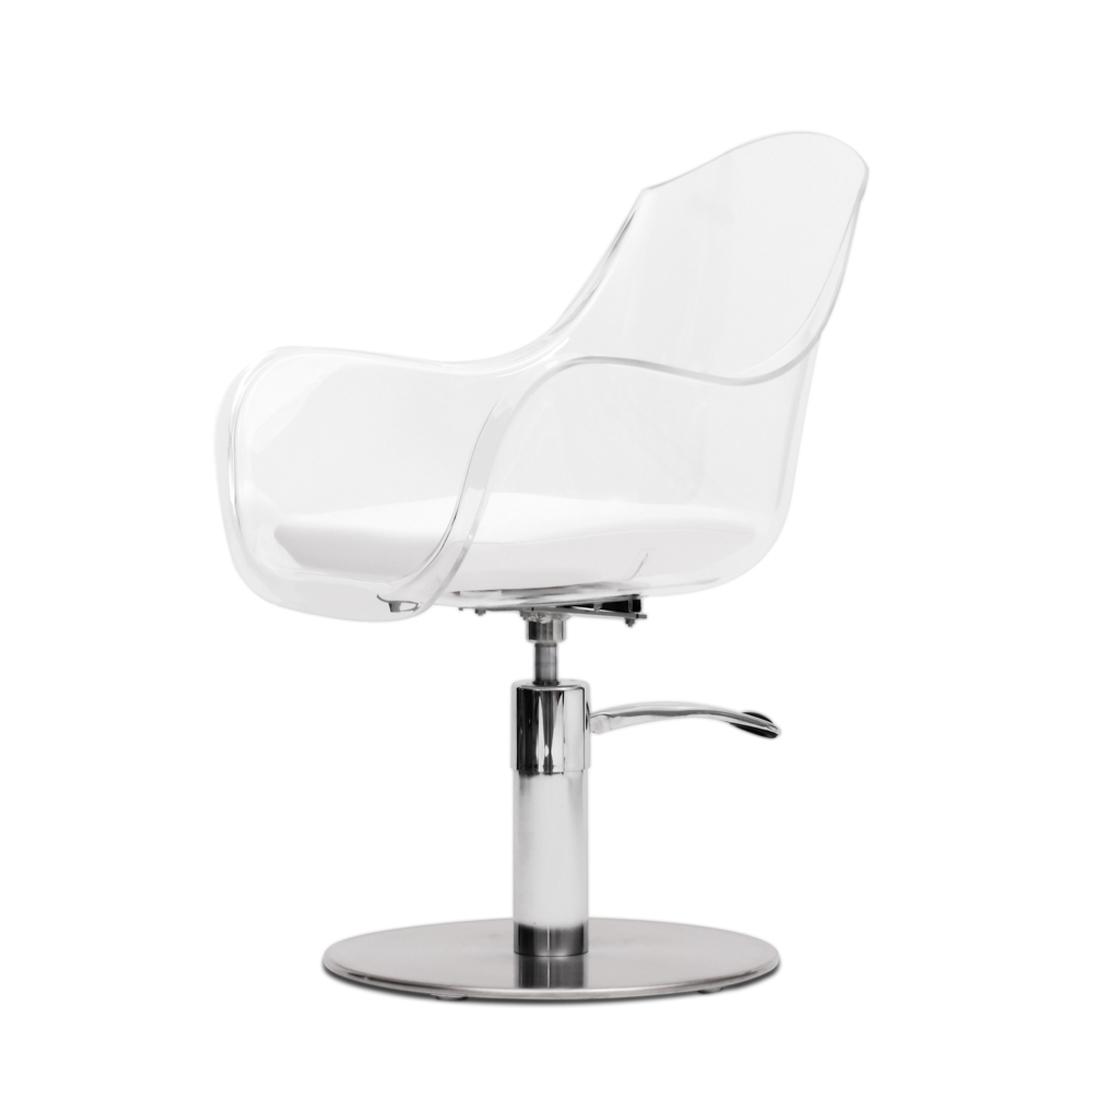 CINDARELLA – Manon chair 1